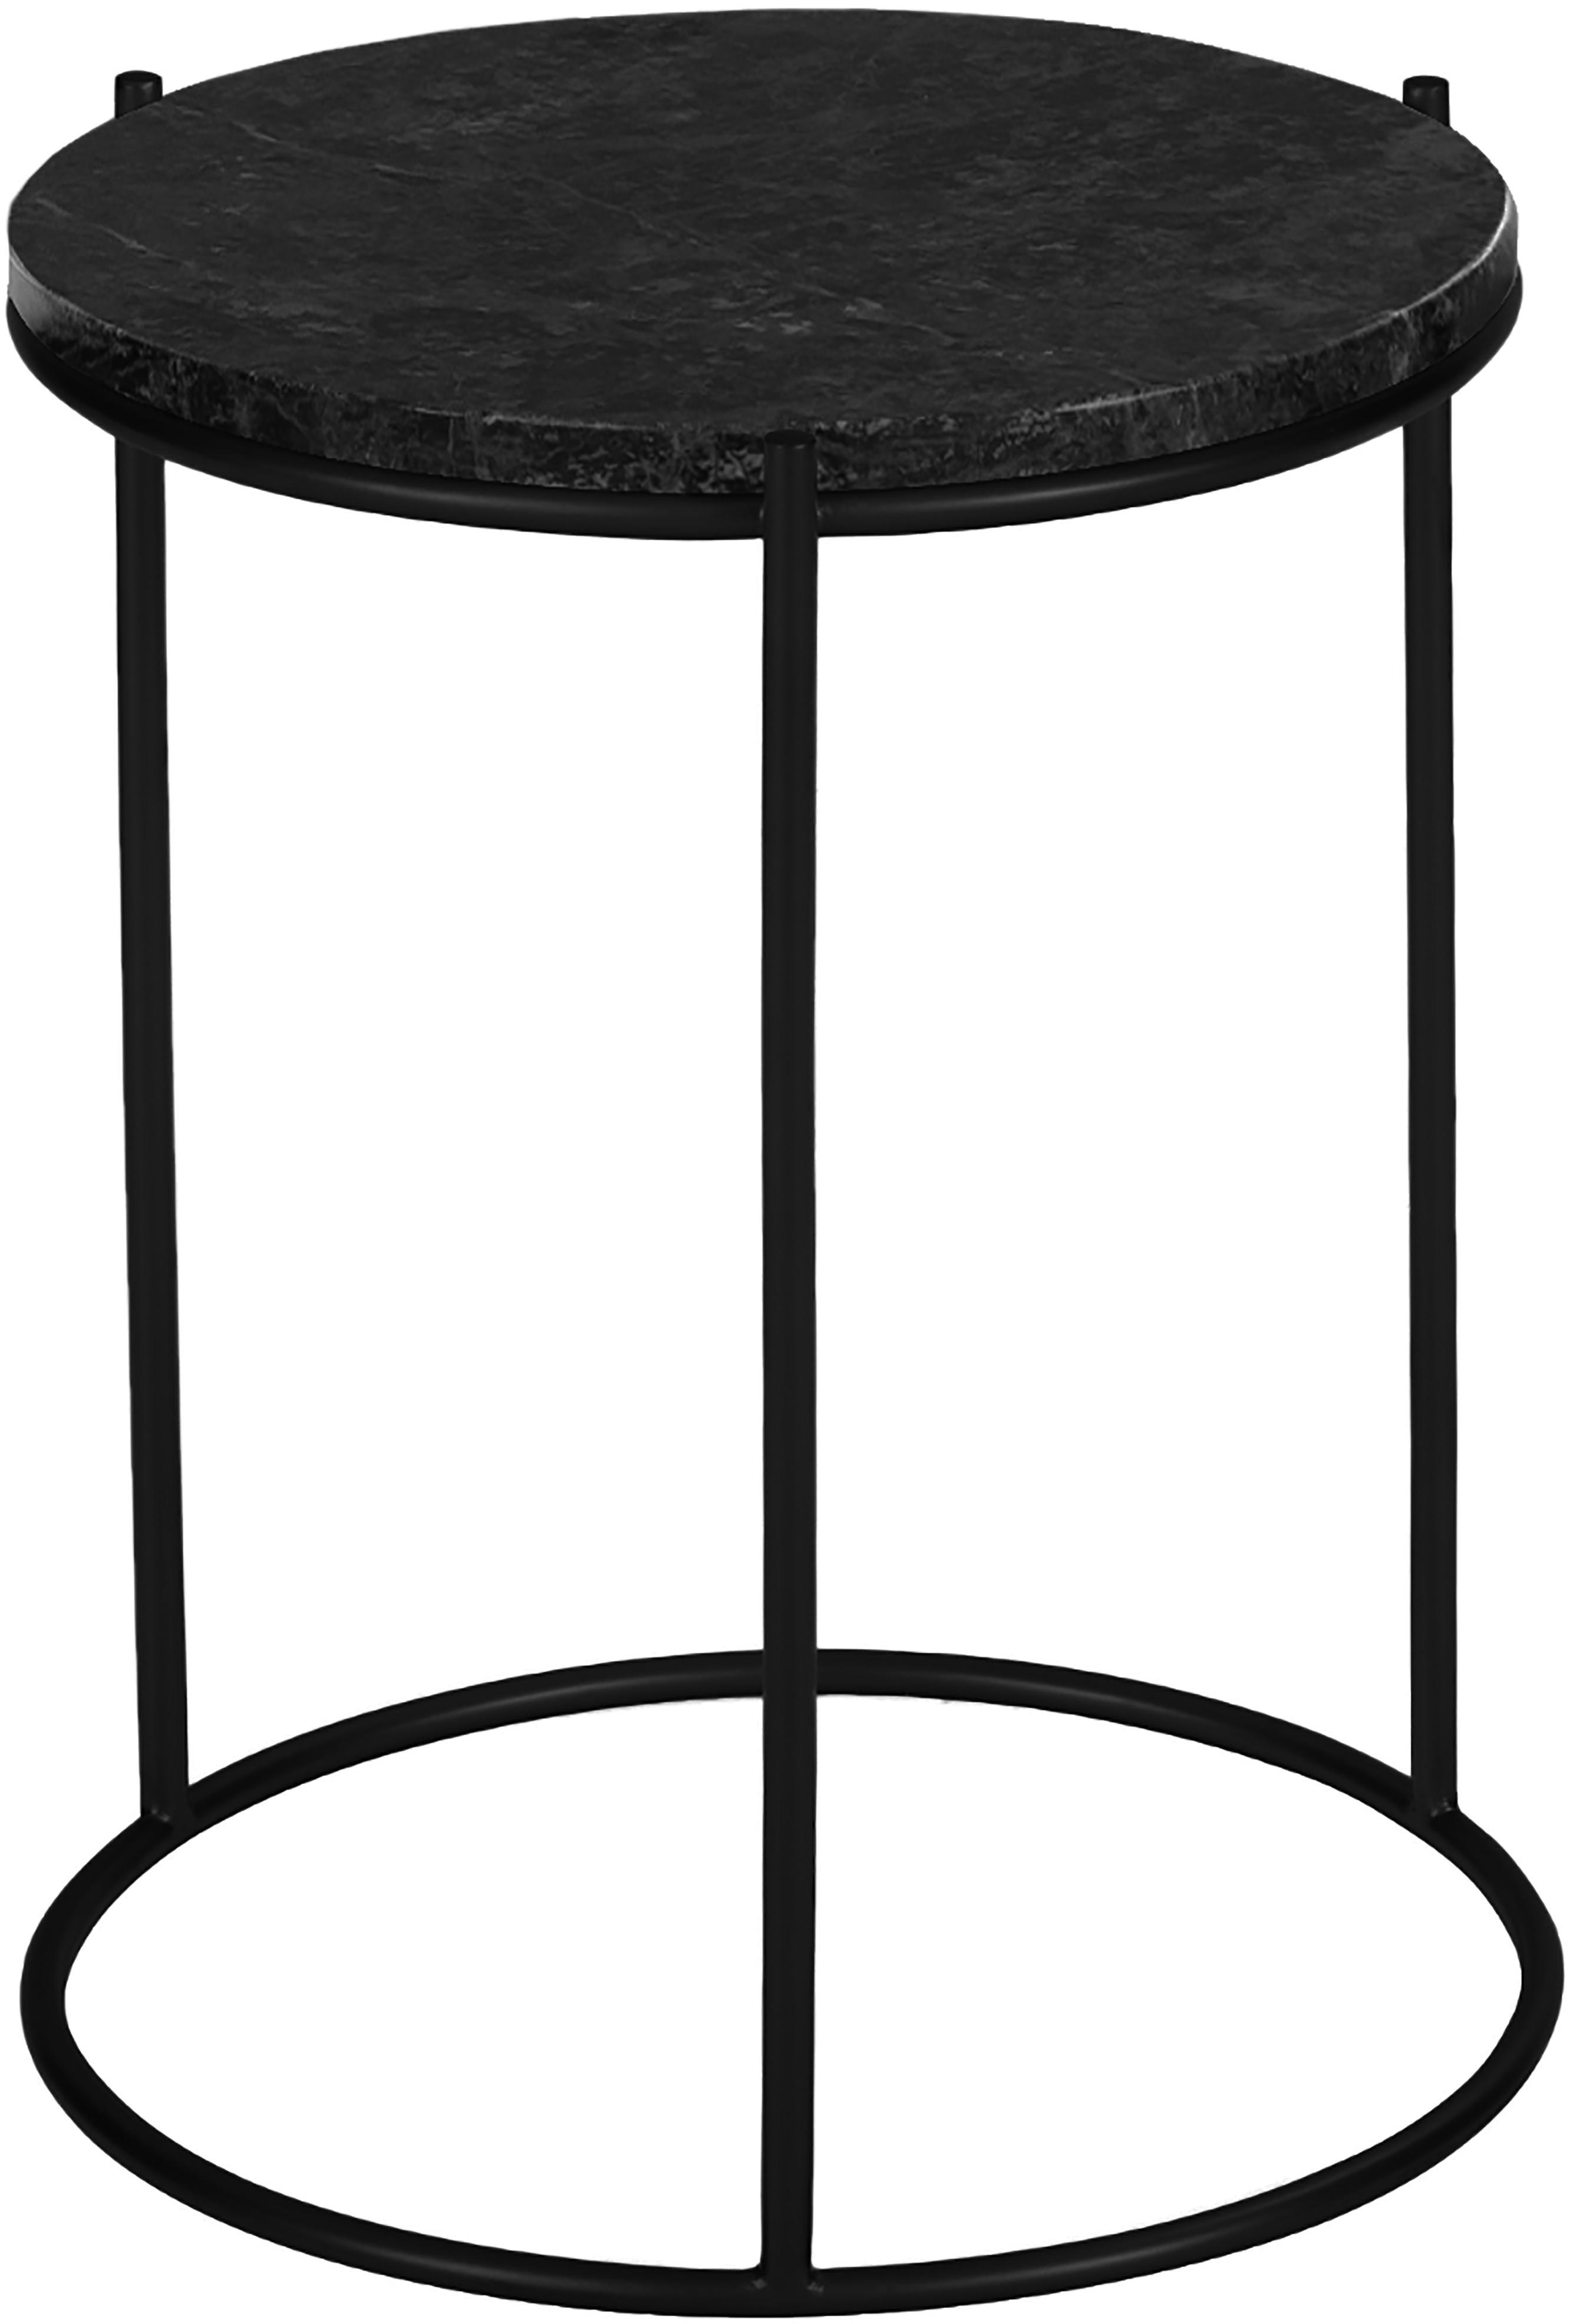 Ronde marmeren bijzettafel Ella, Tafelblad: marmer natuursteen, Frame: gepoedercoat metaal, Tafelblad: zwart marmer. Frame: mat zwart, Ø 40 x H 50 cm